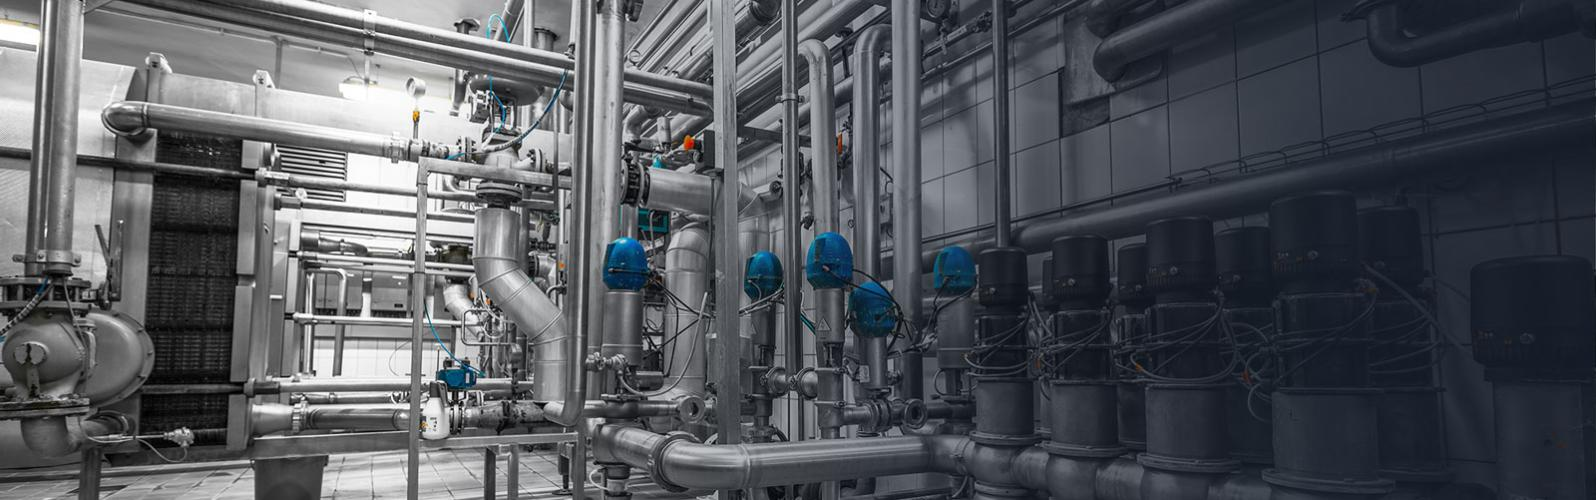 I nostri sistemi vi consentono di migliorare il vostro proceso industrial